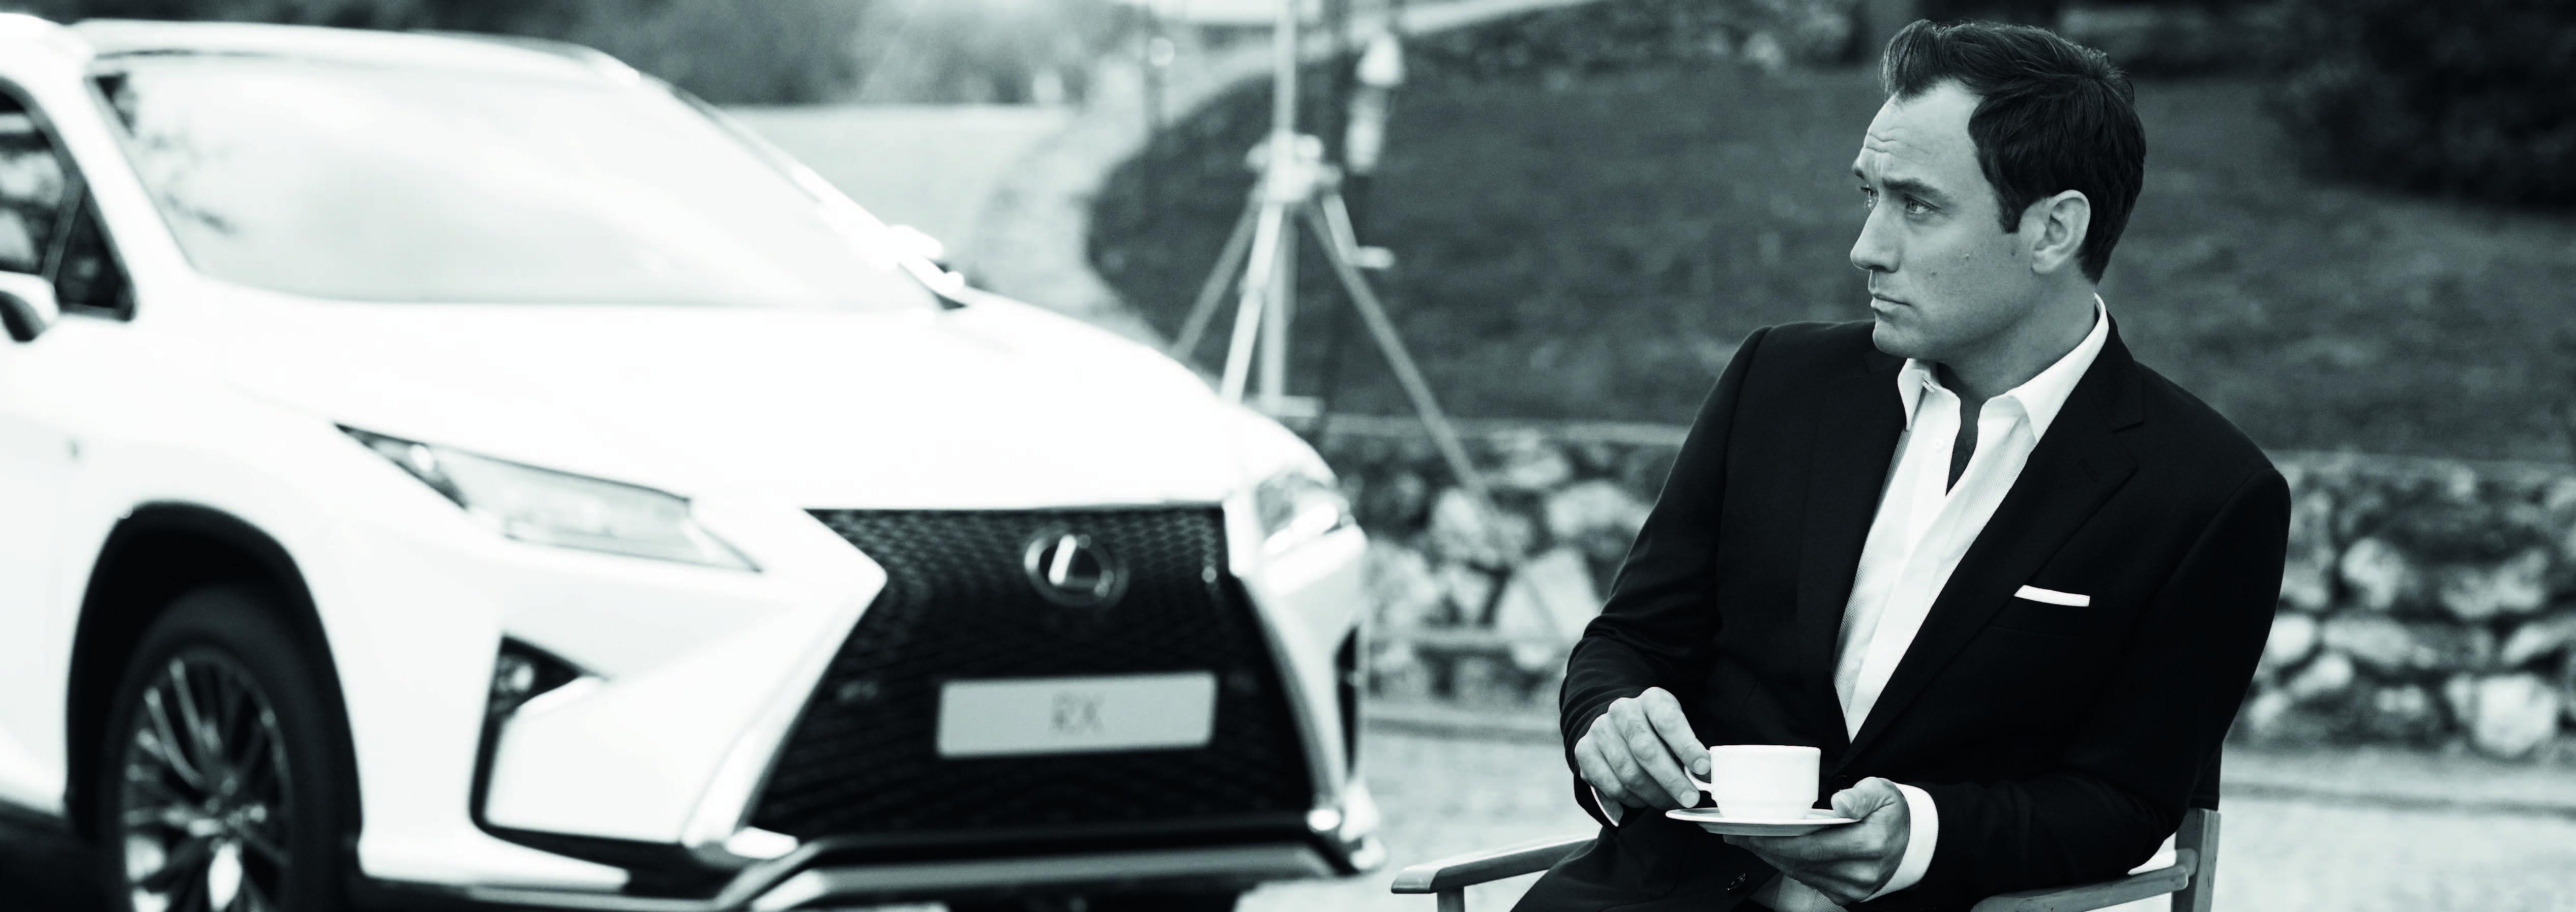 10 Jude Law